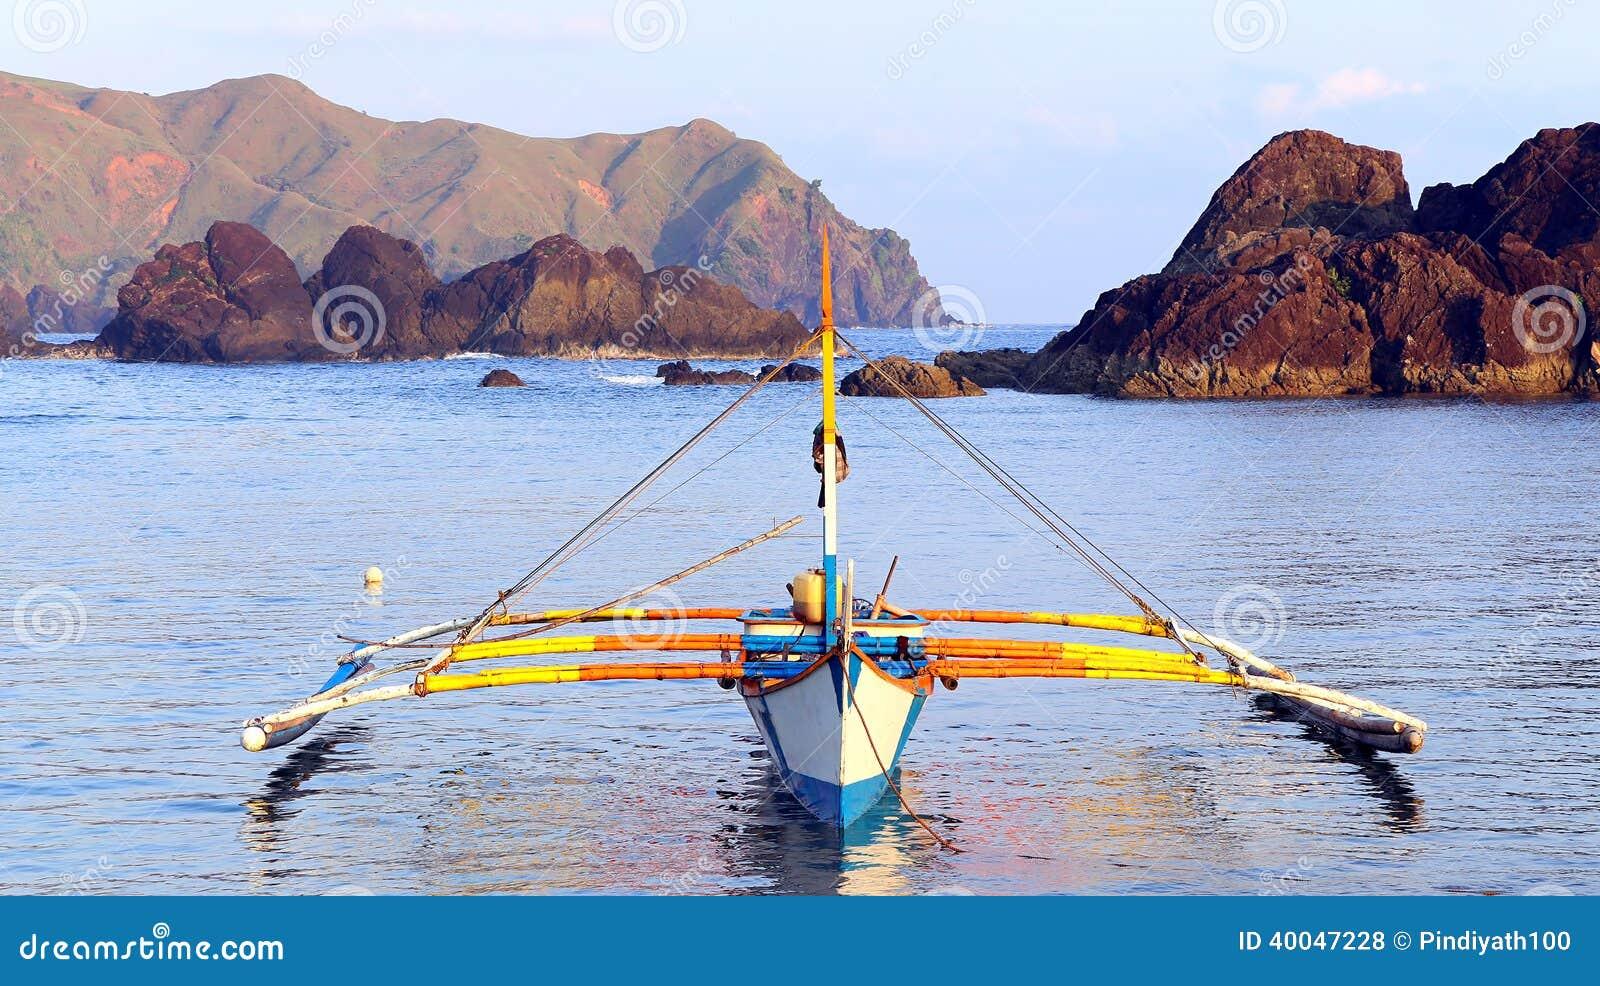 Philippines Fishing Boat Stock Photo - Image: 40047228